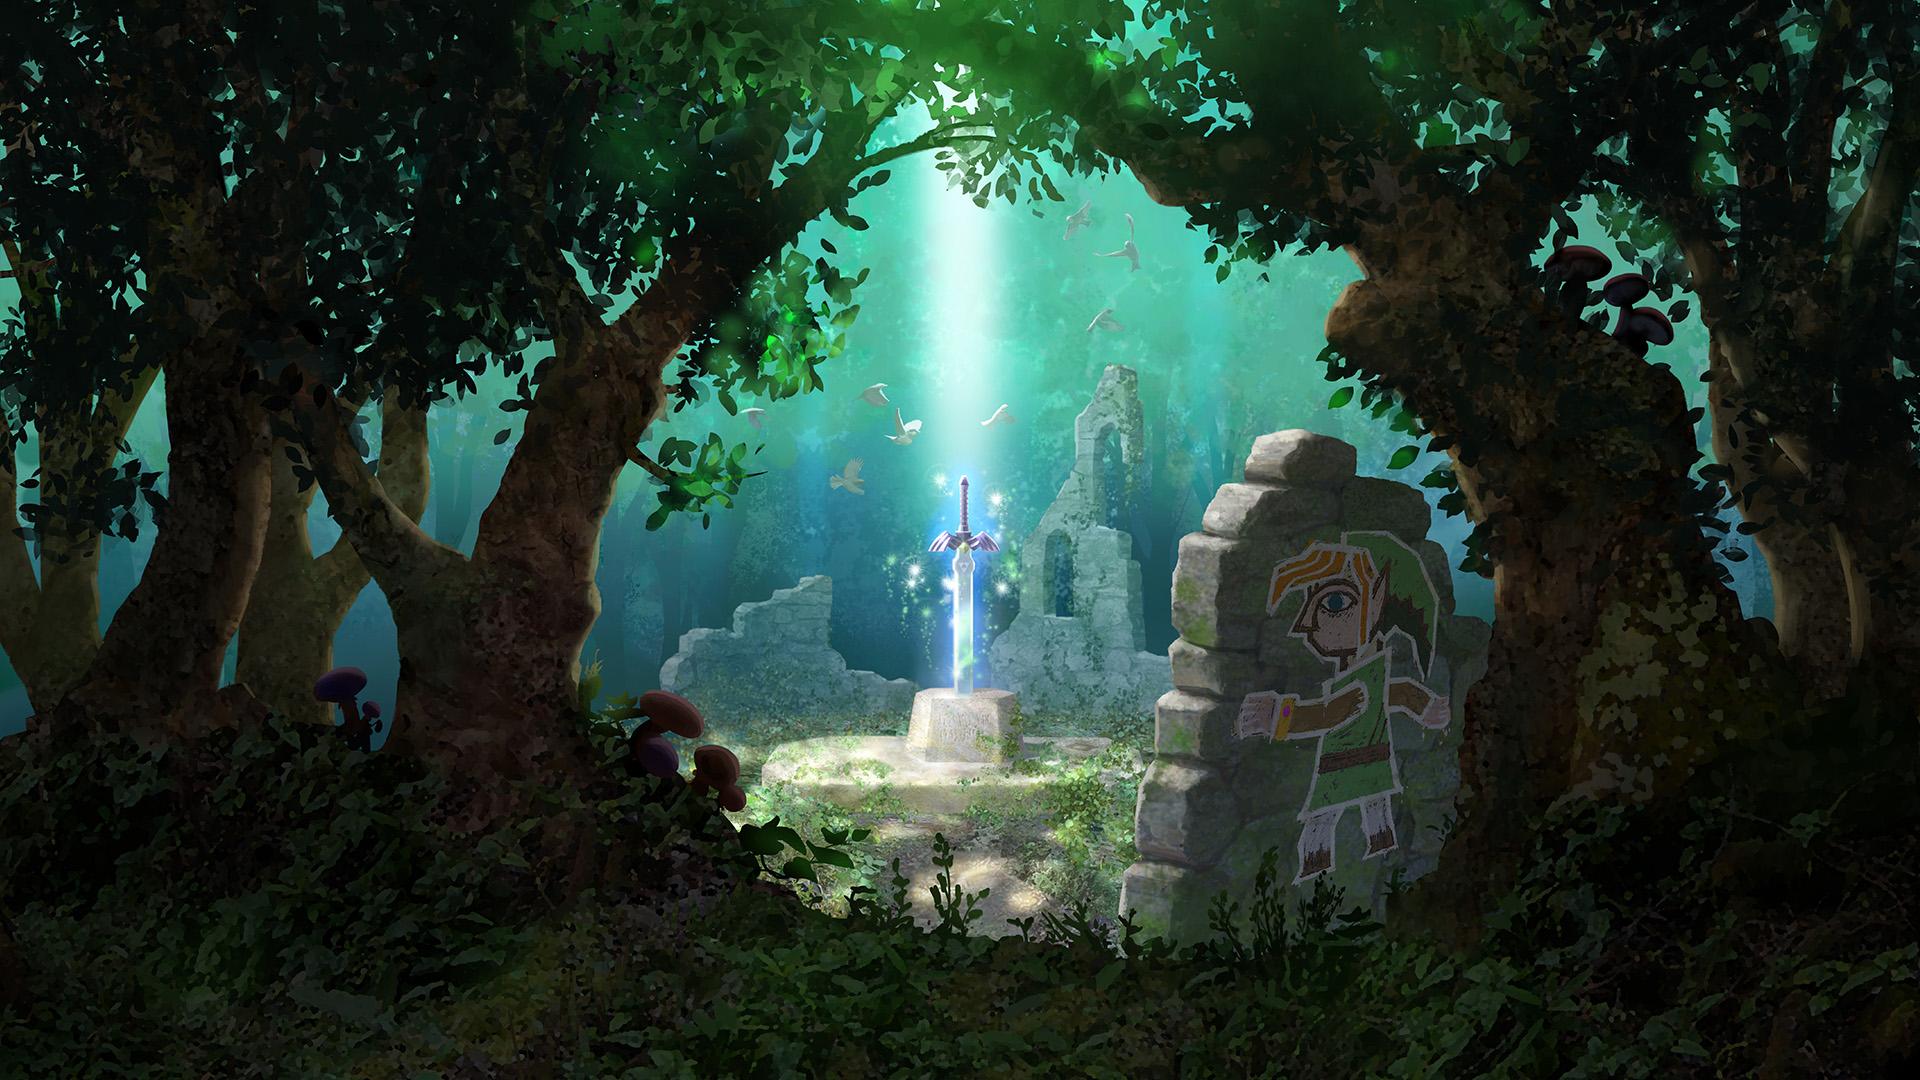 zelda jeux vidéo the legend de zelda: a link between worlds